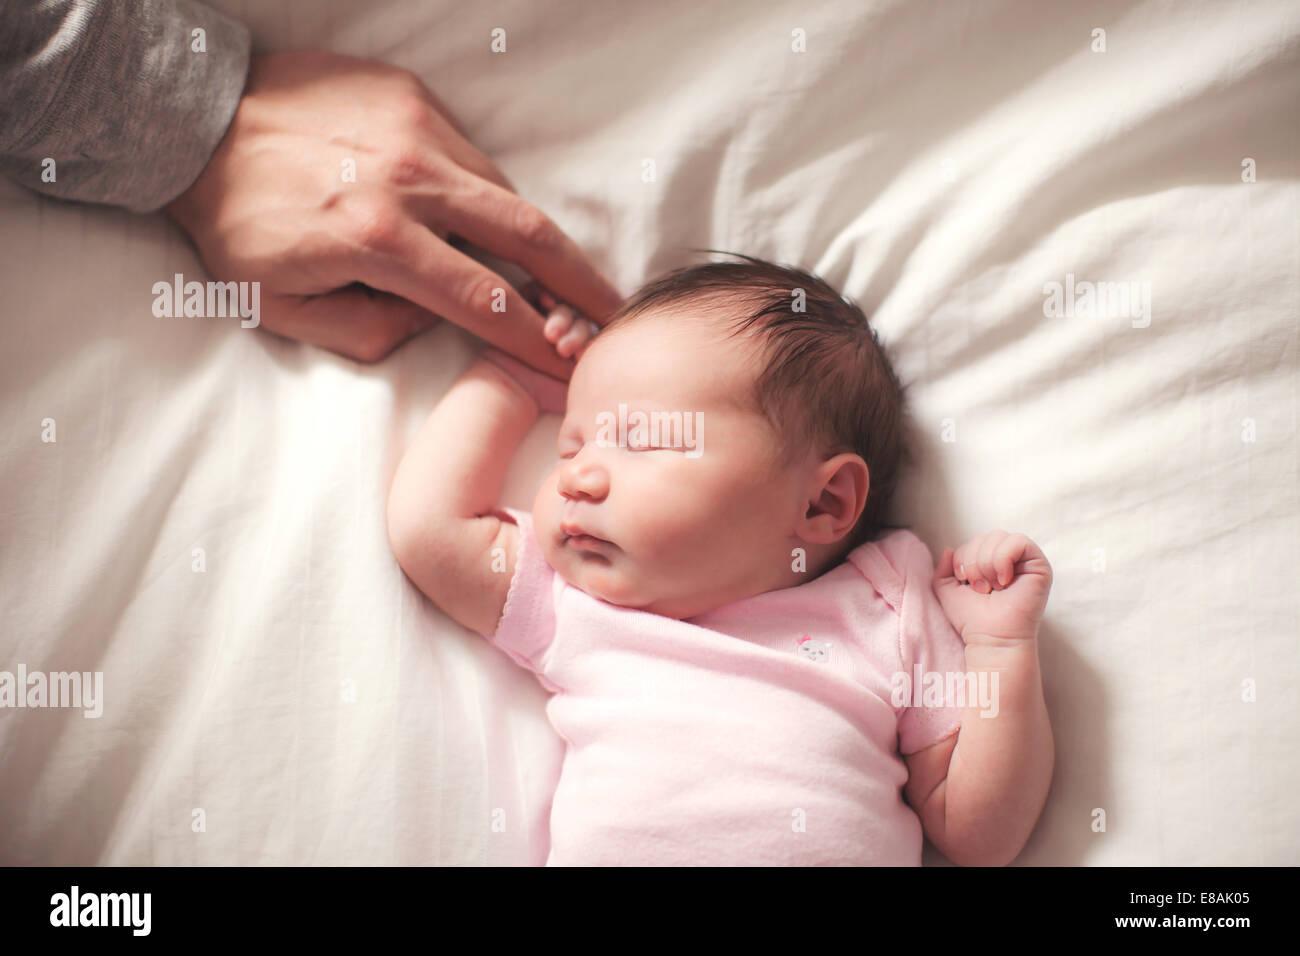 Babymädchen schläft, Hände von Vater Stockfoto